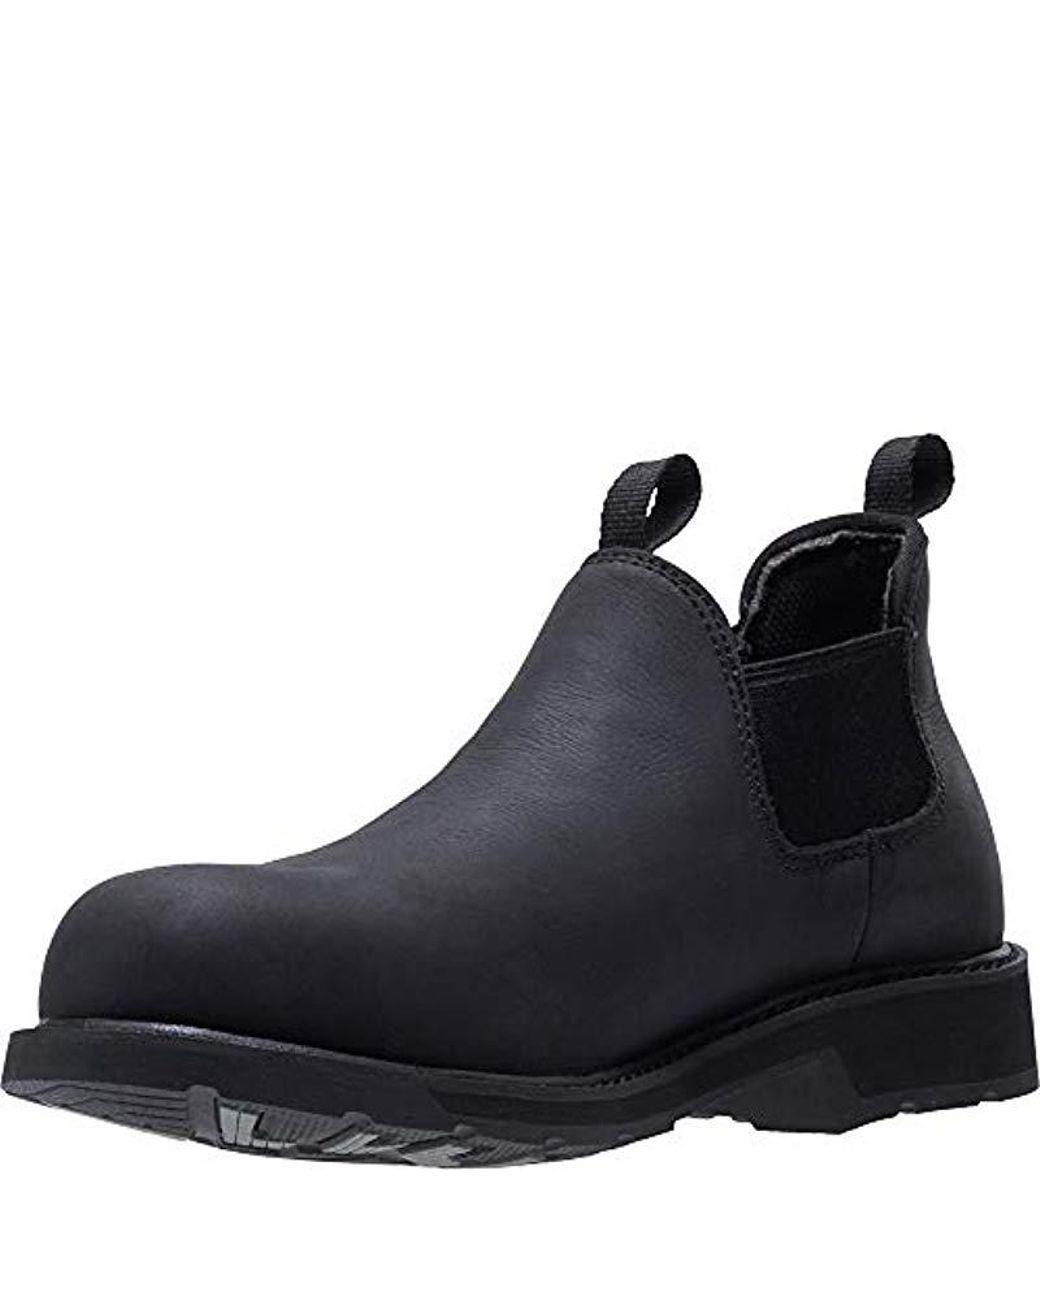 37863a62311 Wolverine Ranchero Romeo Steel Toe Industrial Shoe in Blue for Men ...